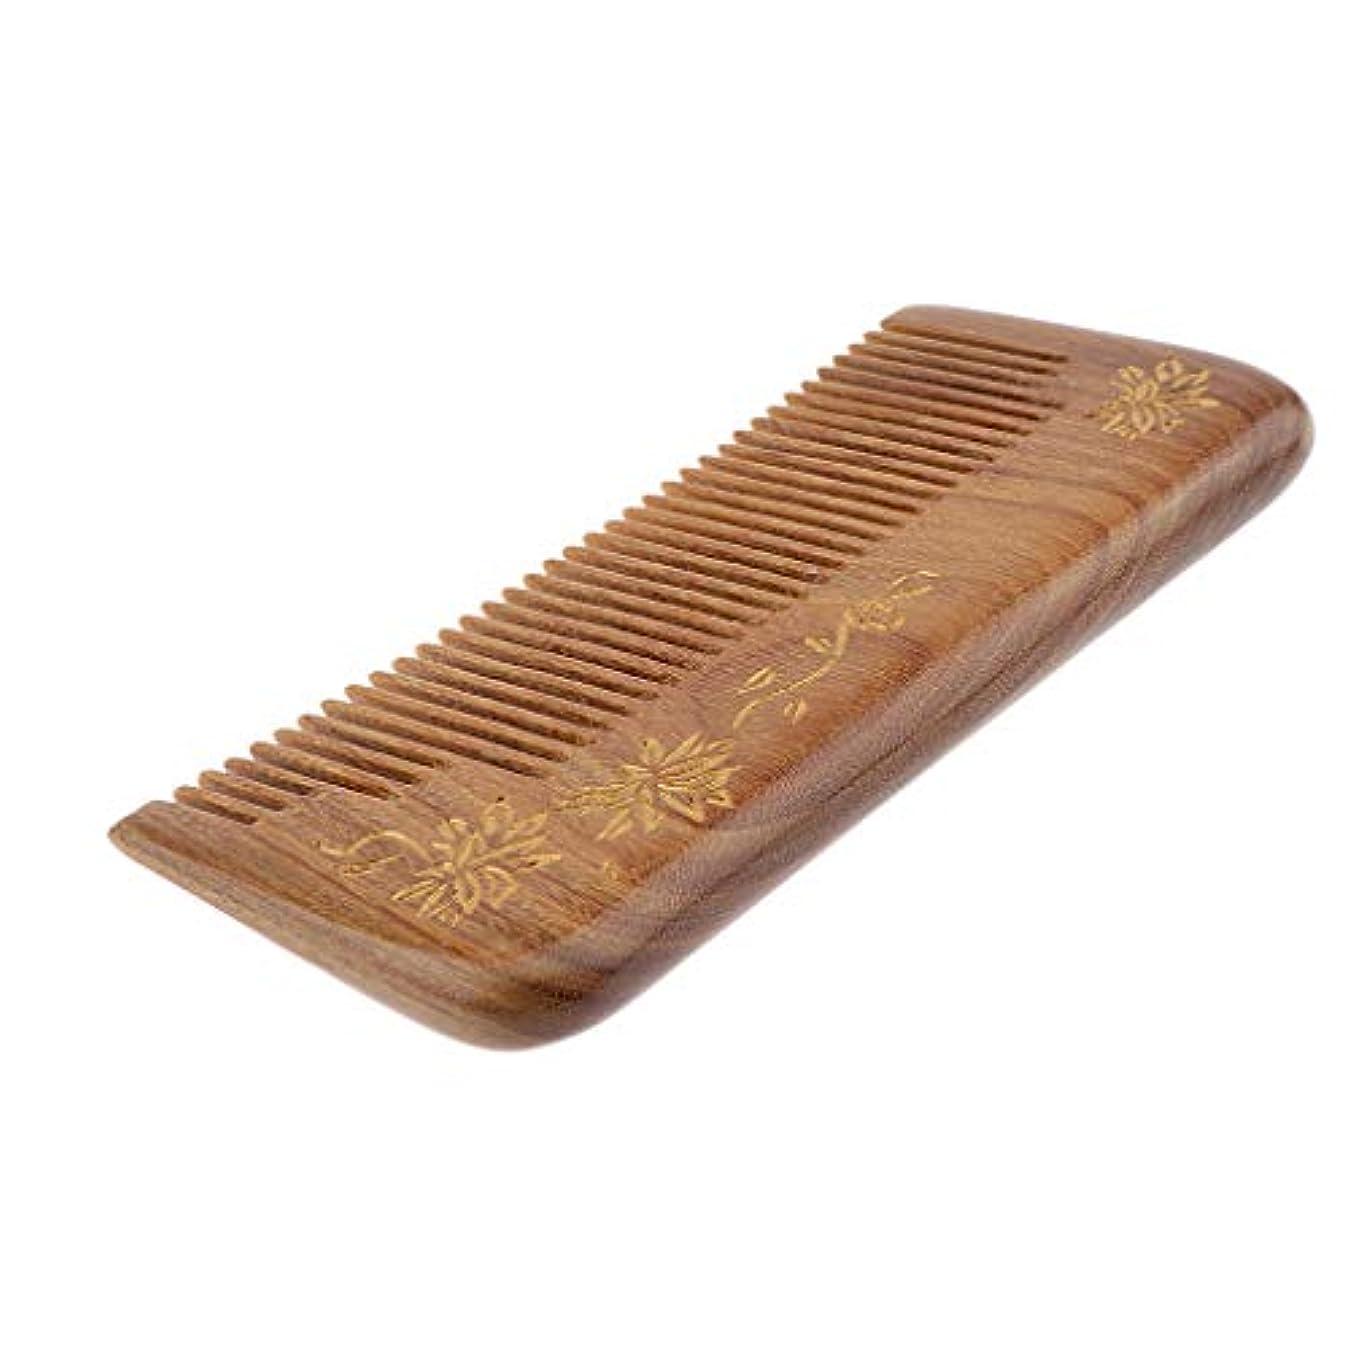 CUTICATE 木製櫛 広い歯 ヘアコーム ヘアブラシ 頭皮マッサージ 帯電防止 4仕様選べ - #3